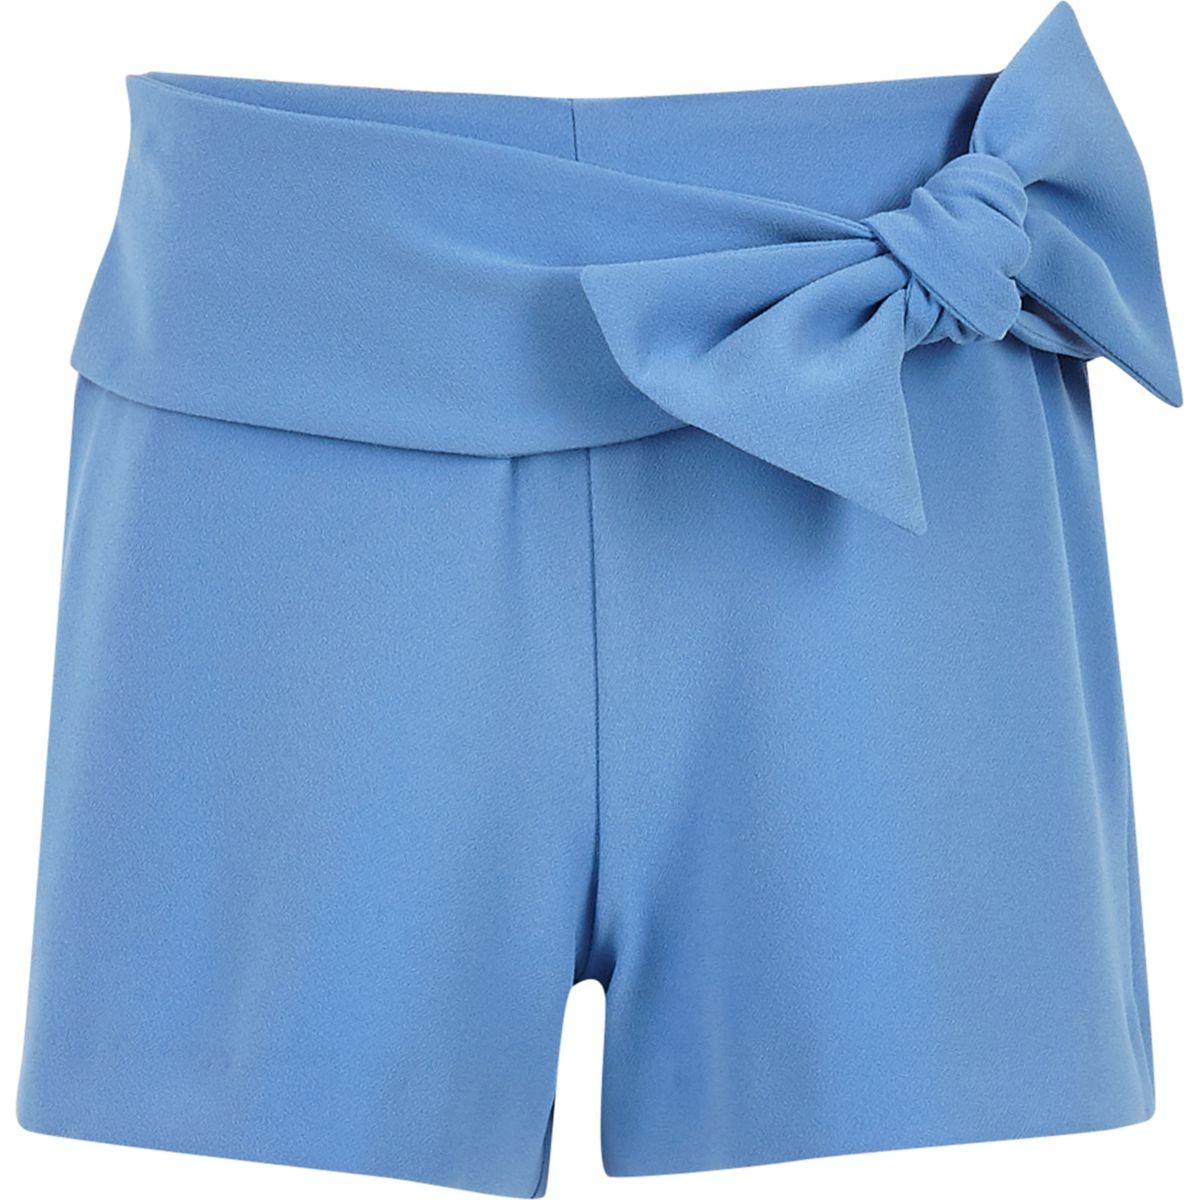 Short bleu avec nœud à l'avant pour fille